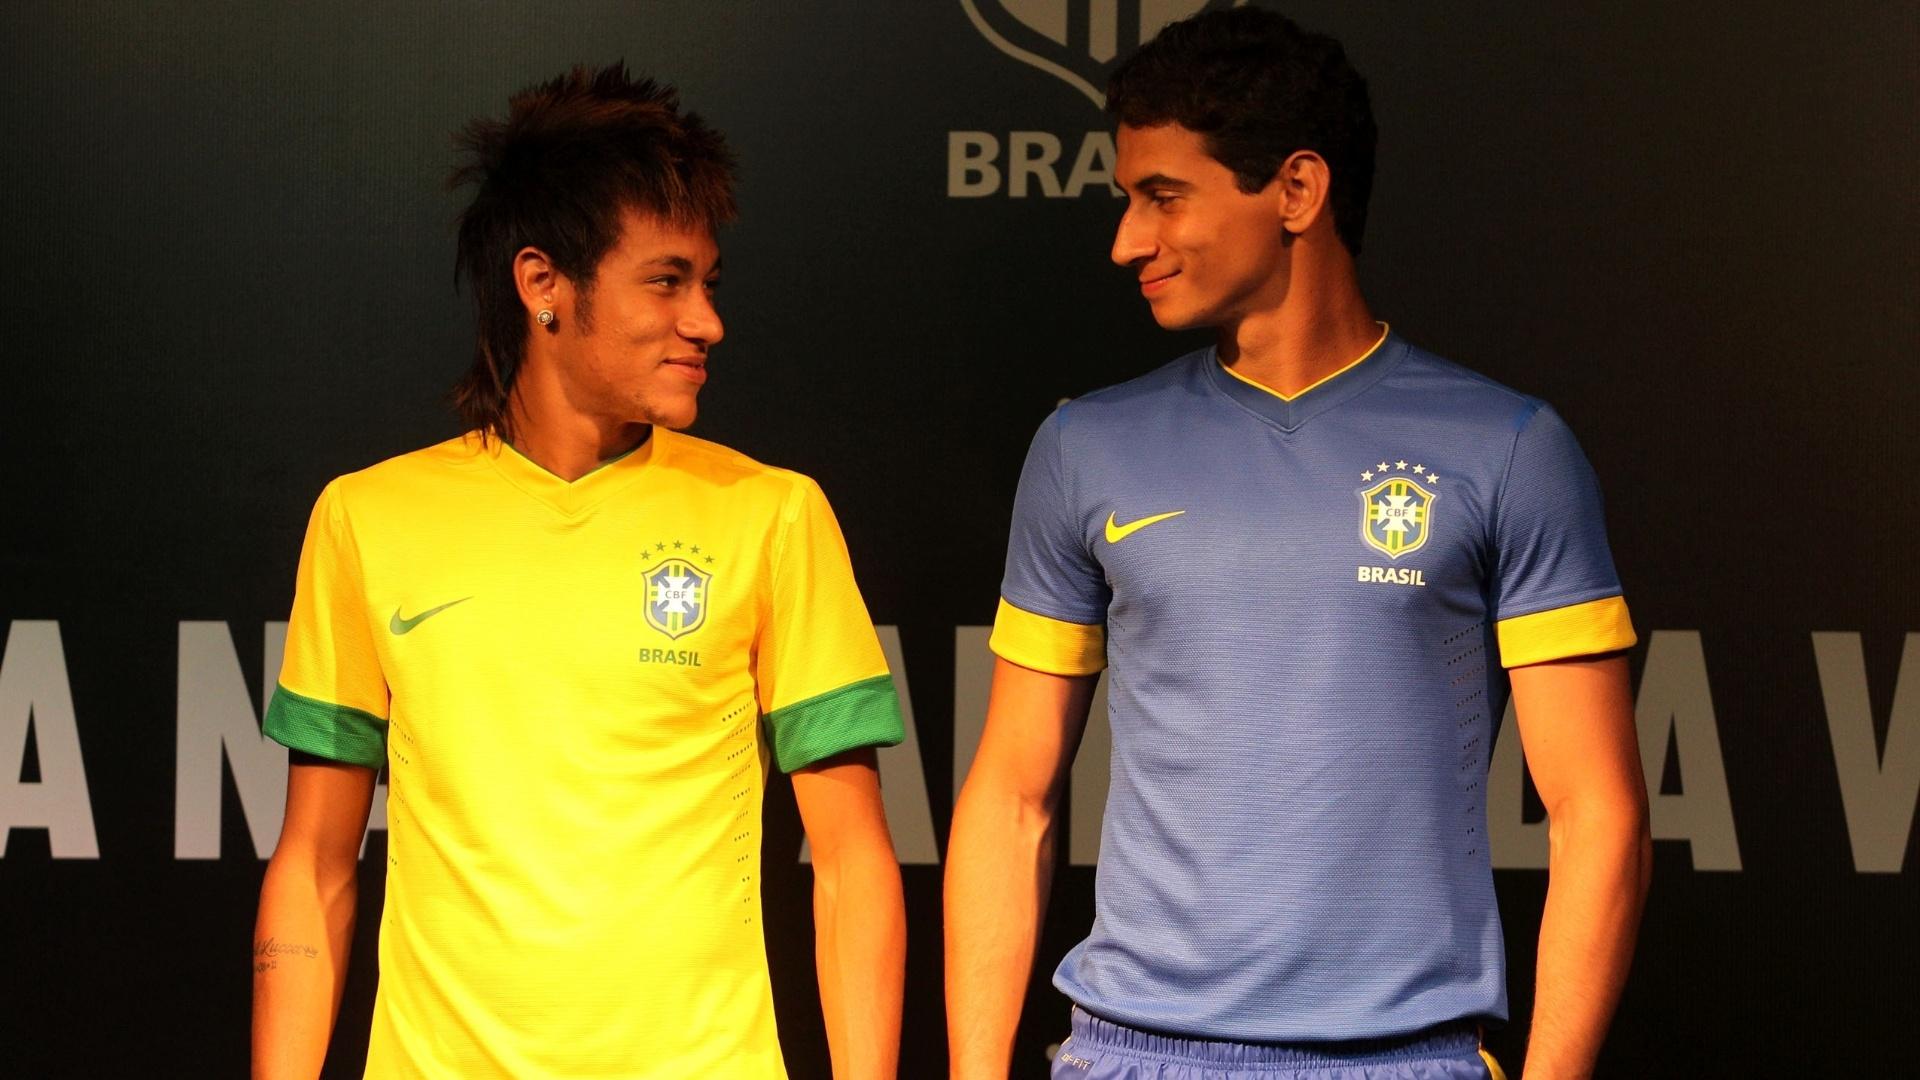 70294c628b Brasil apresenta novo uniforme da seleção e acaba com polêmica tarja verde  - Esporte - BOL